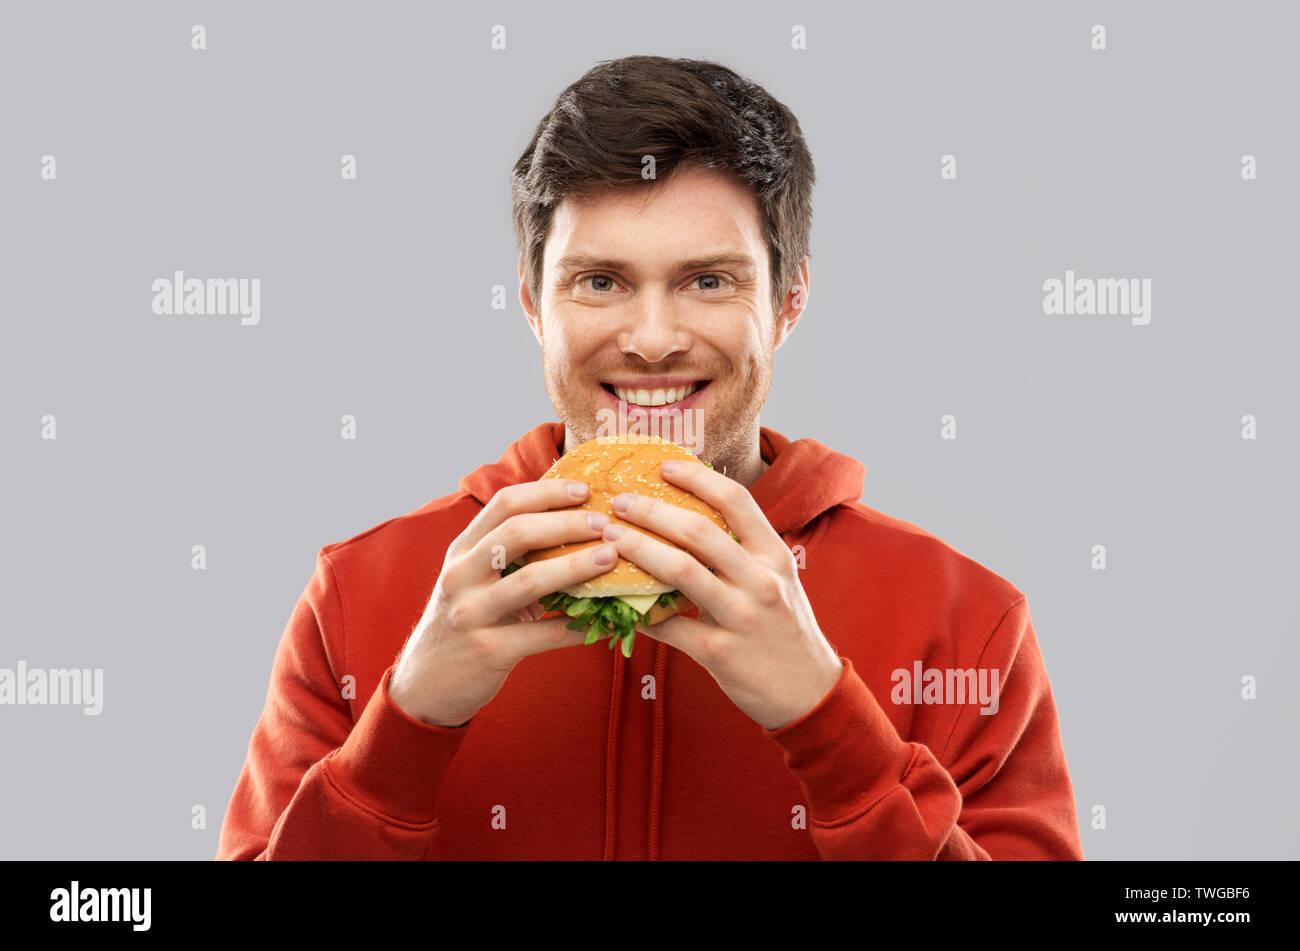 happy young man eating hamburger - Stock Image